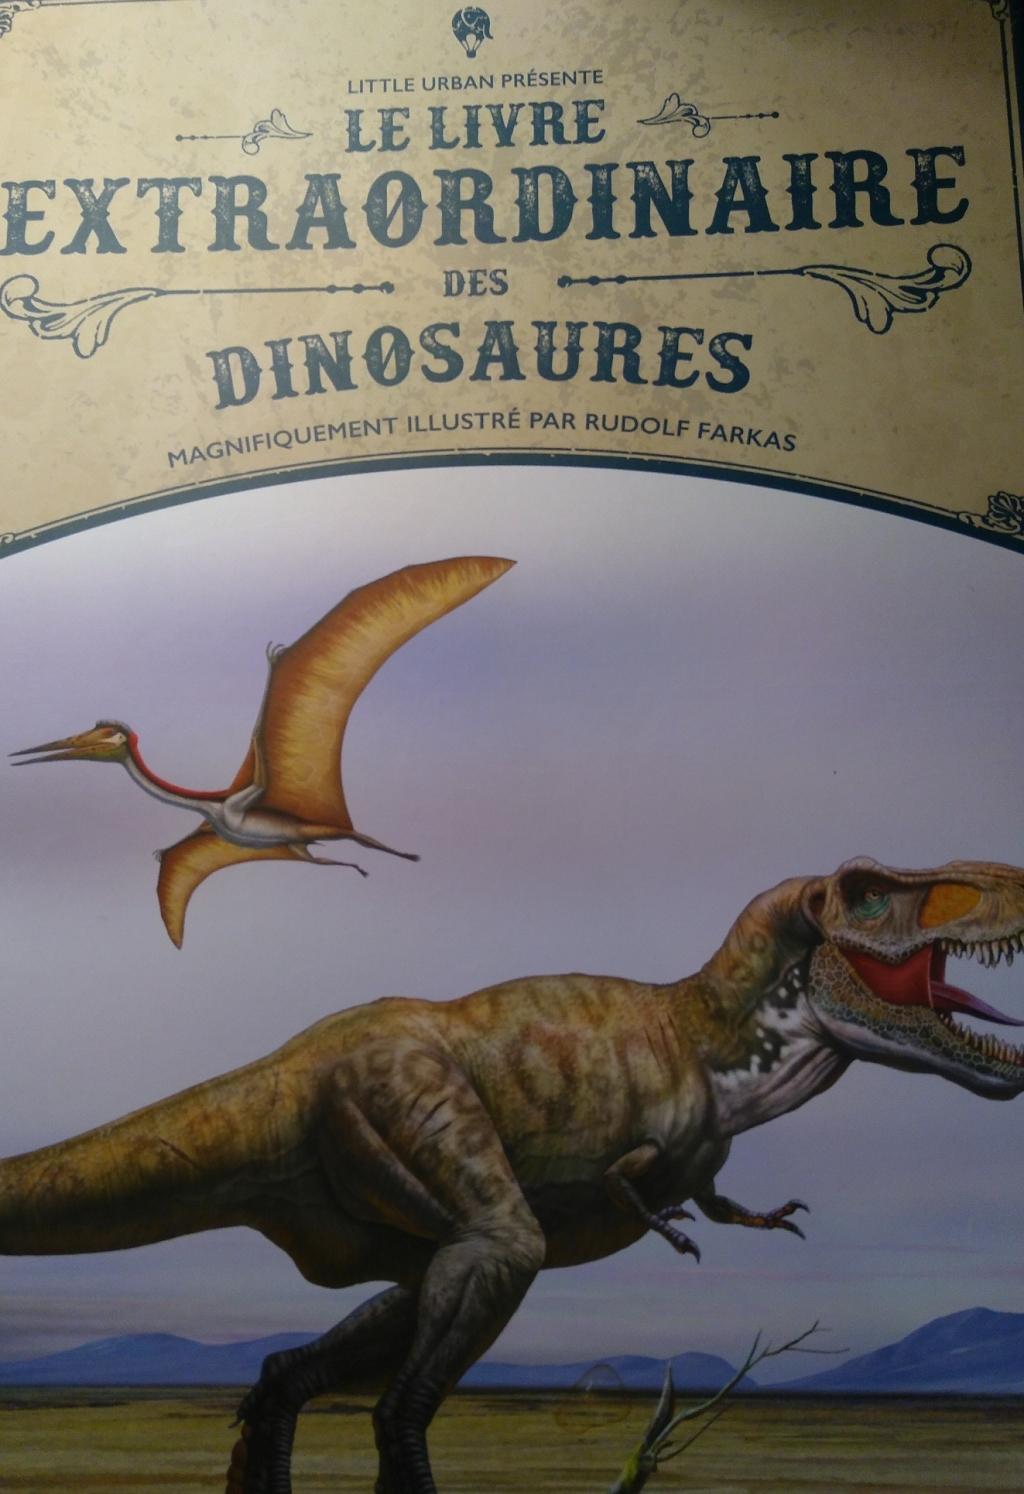 La couverture présente un t-rex et un ptérodactyle